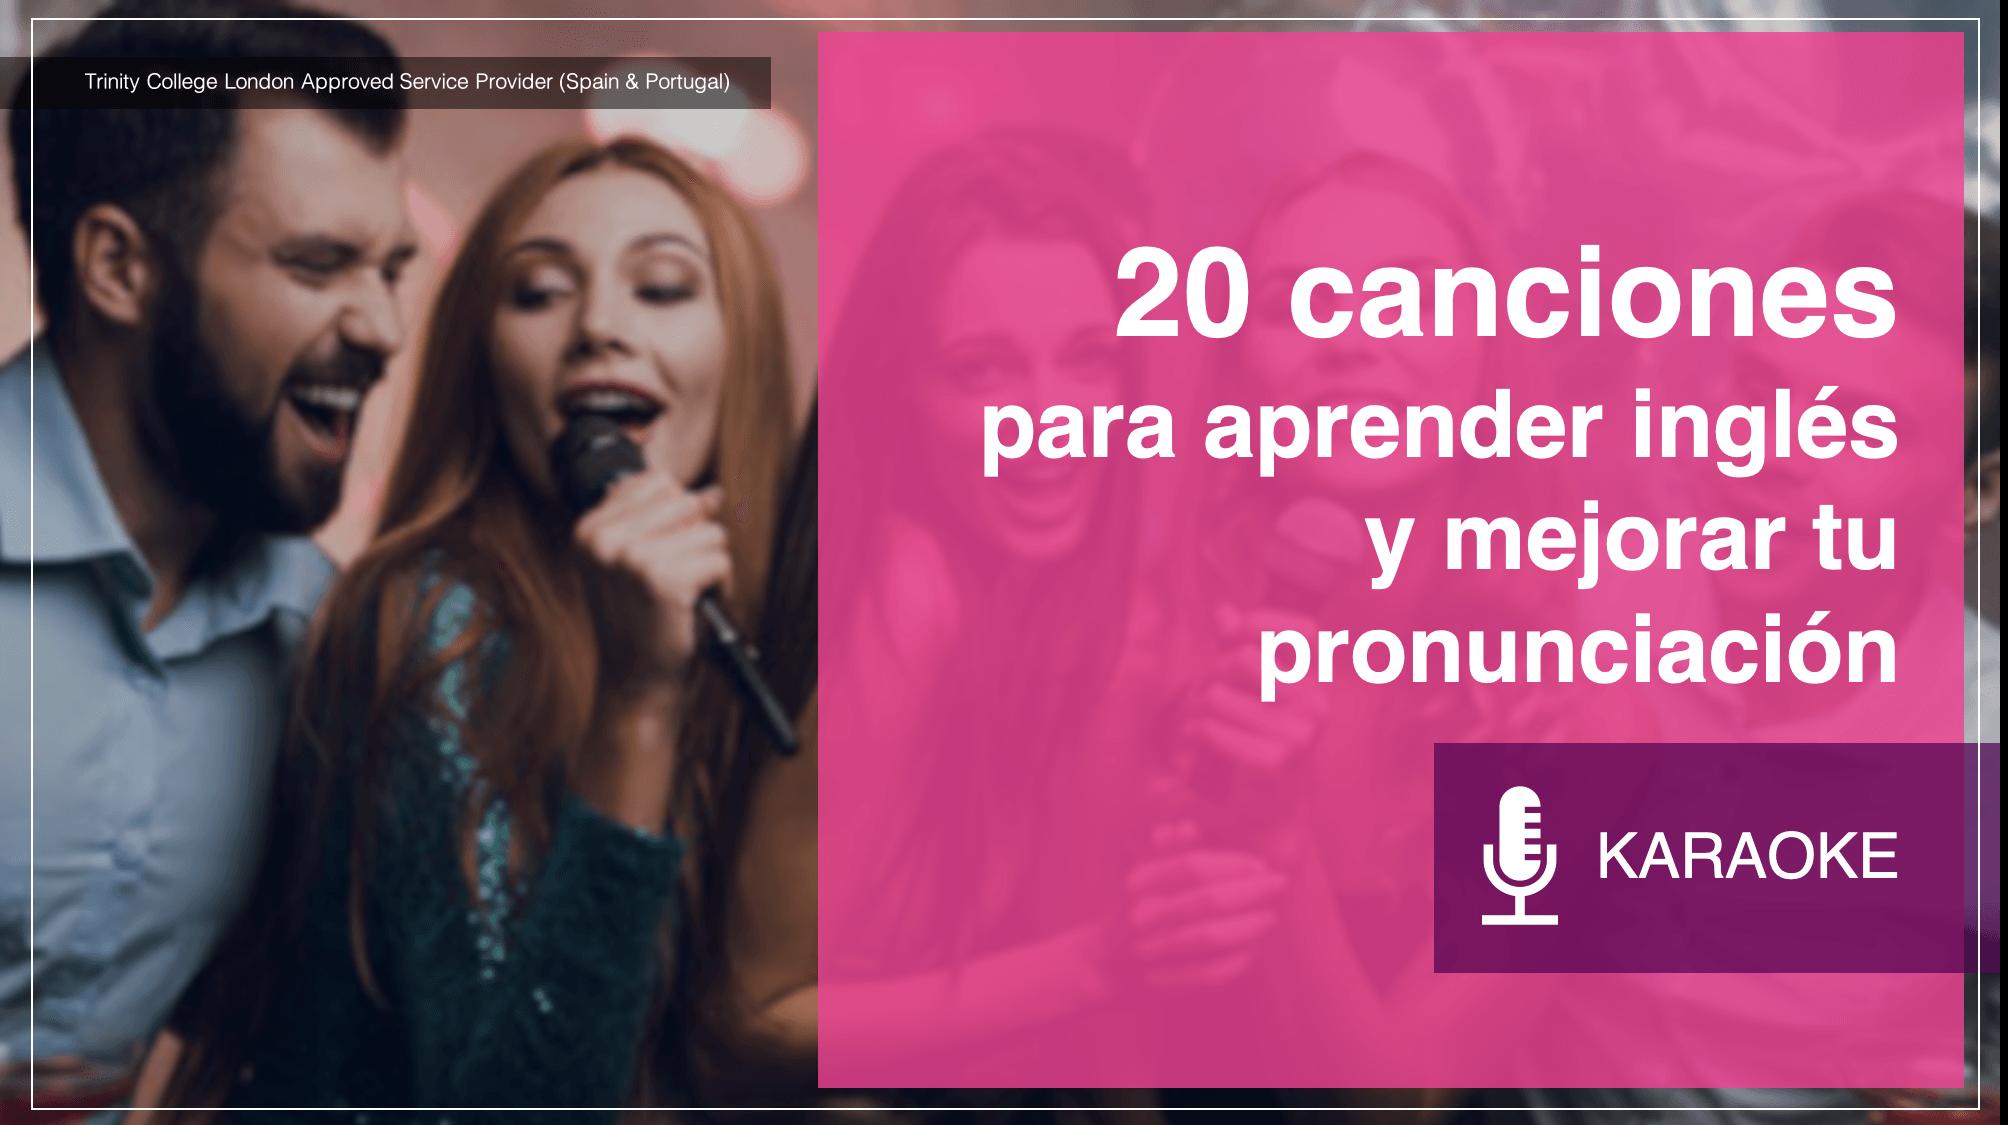 20 canciones  para aprender inglés  y mejorar tu pronunciación